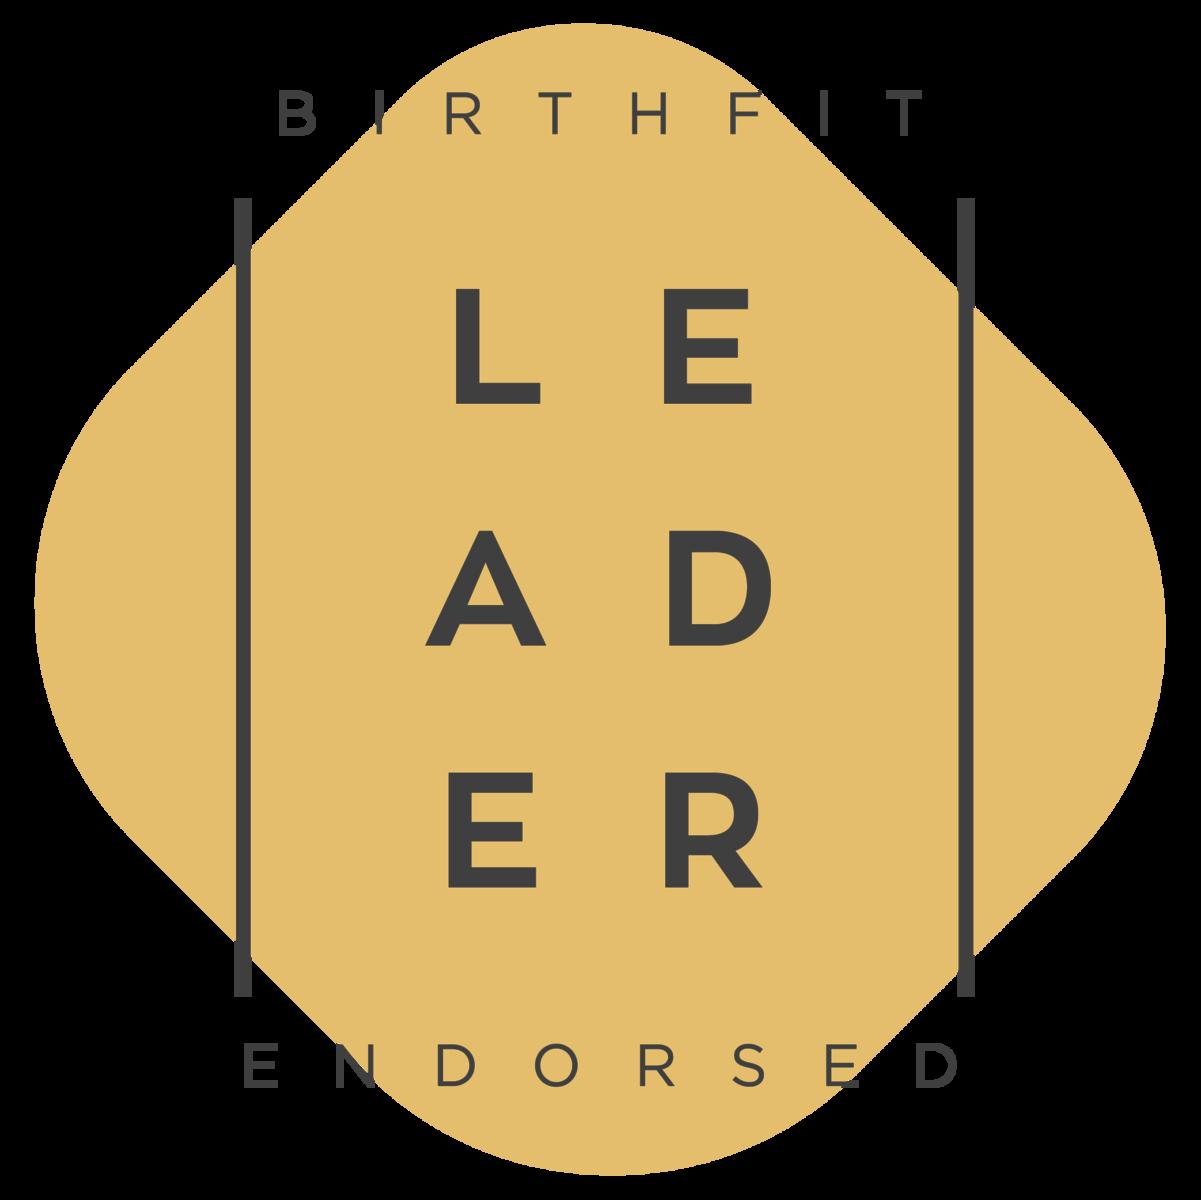 出生费是领导者徽章